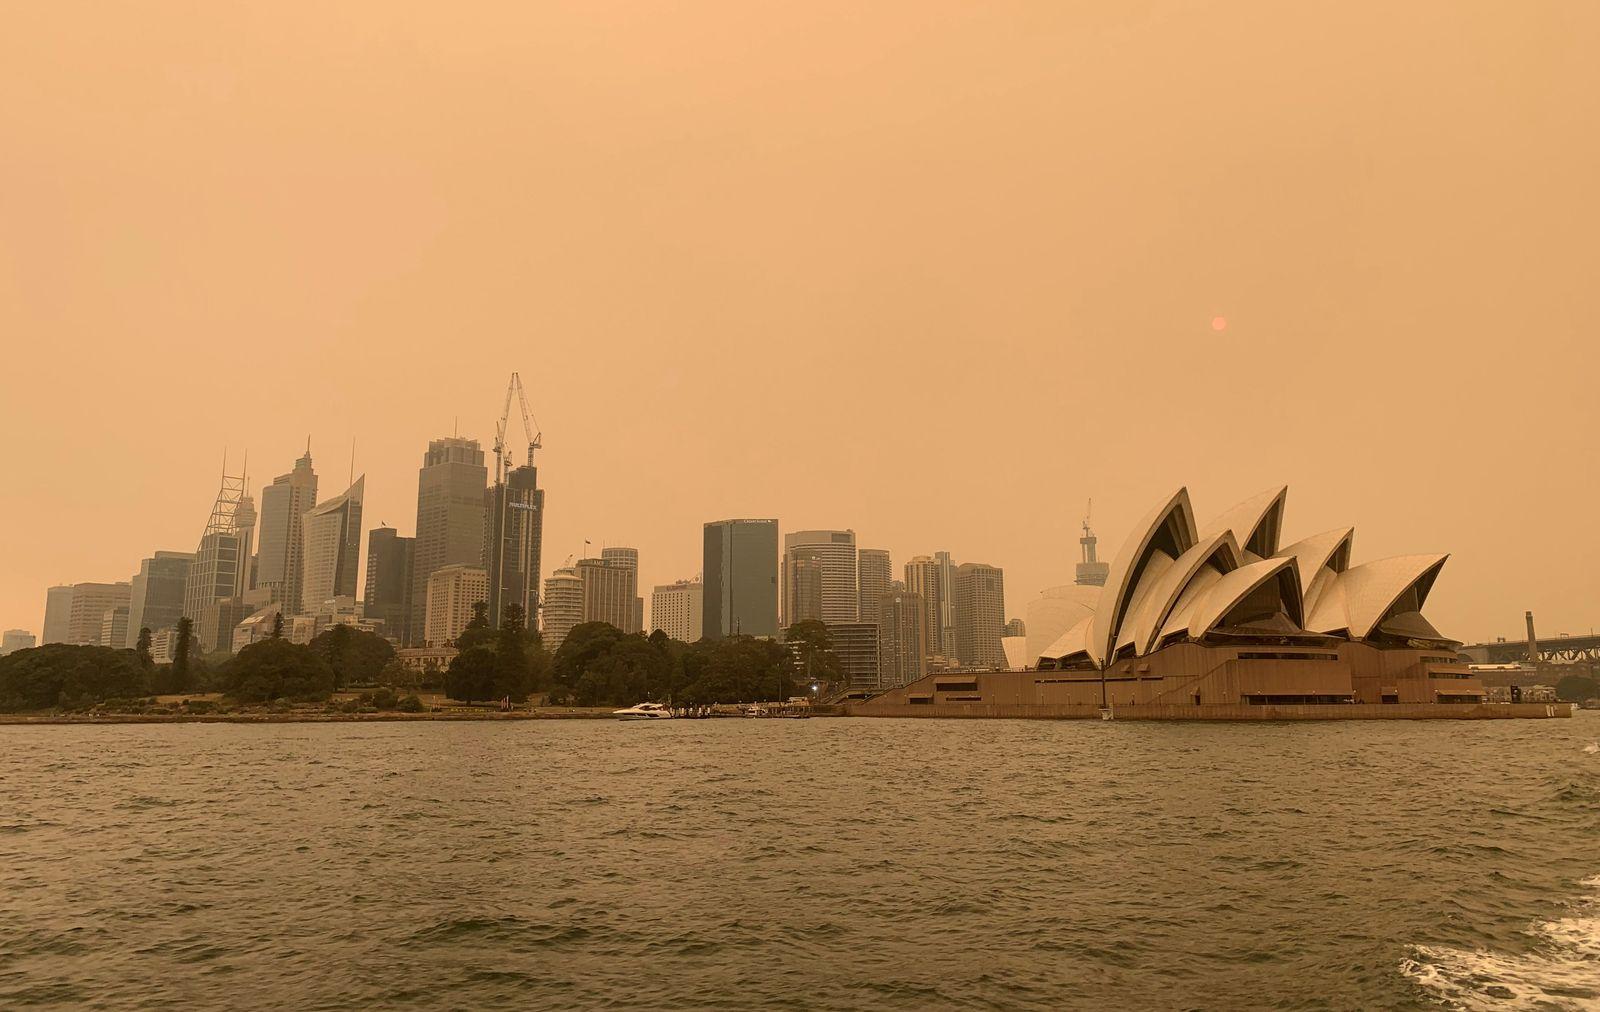 AUSTRALIA-BUSHFIRES/TOURISM